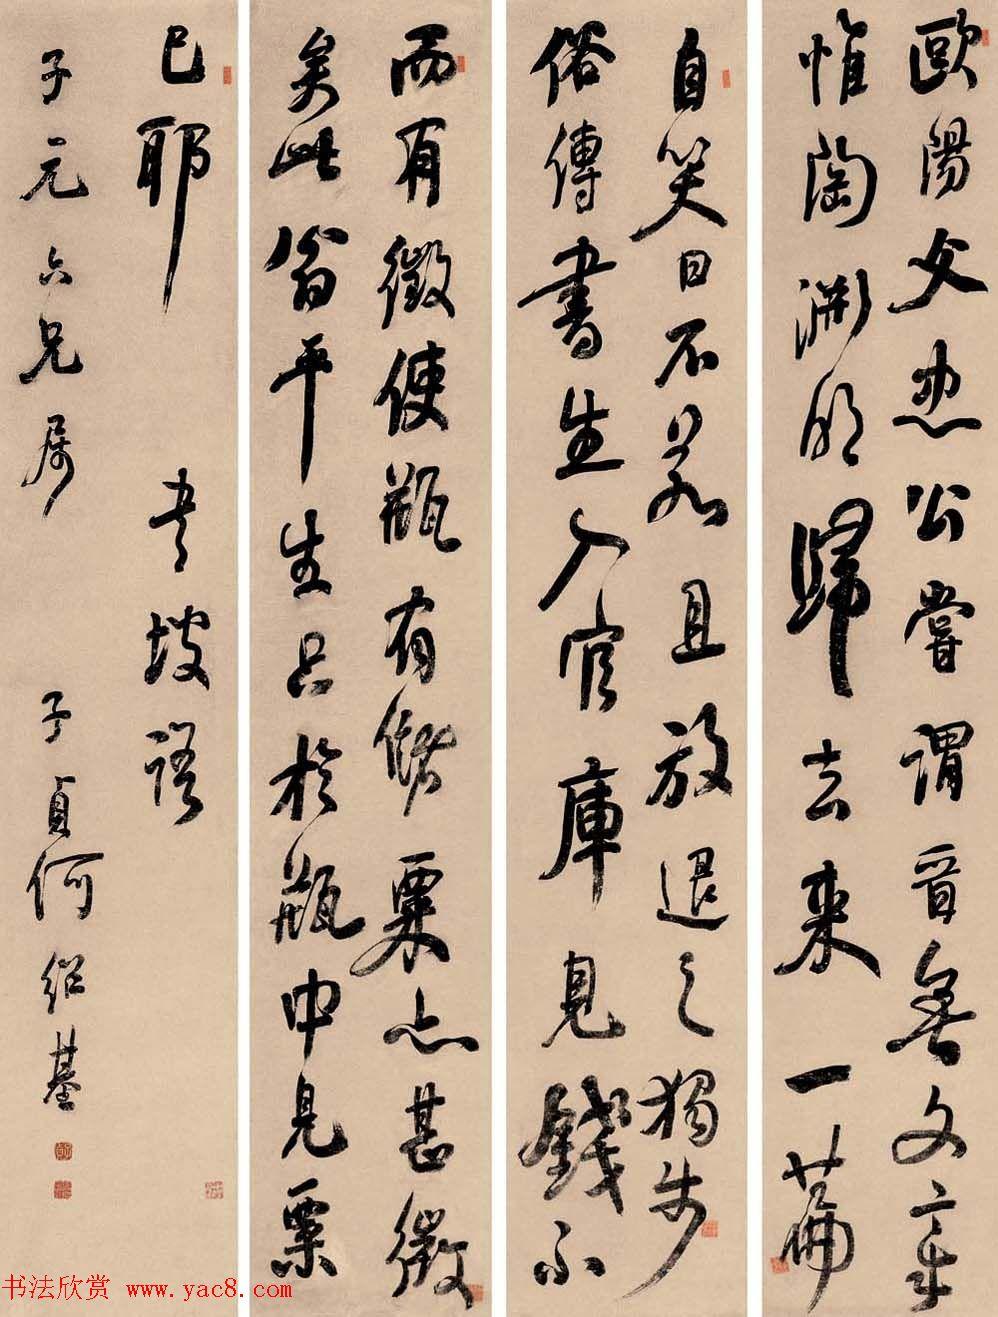 晚清书画家何绍基书法四条屏专辑